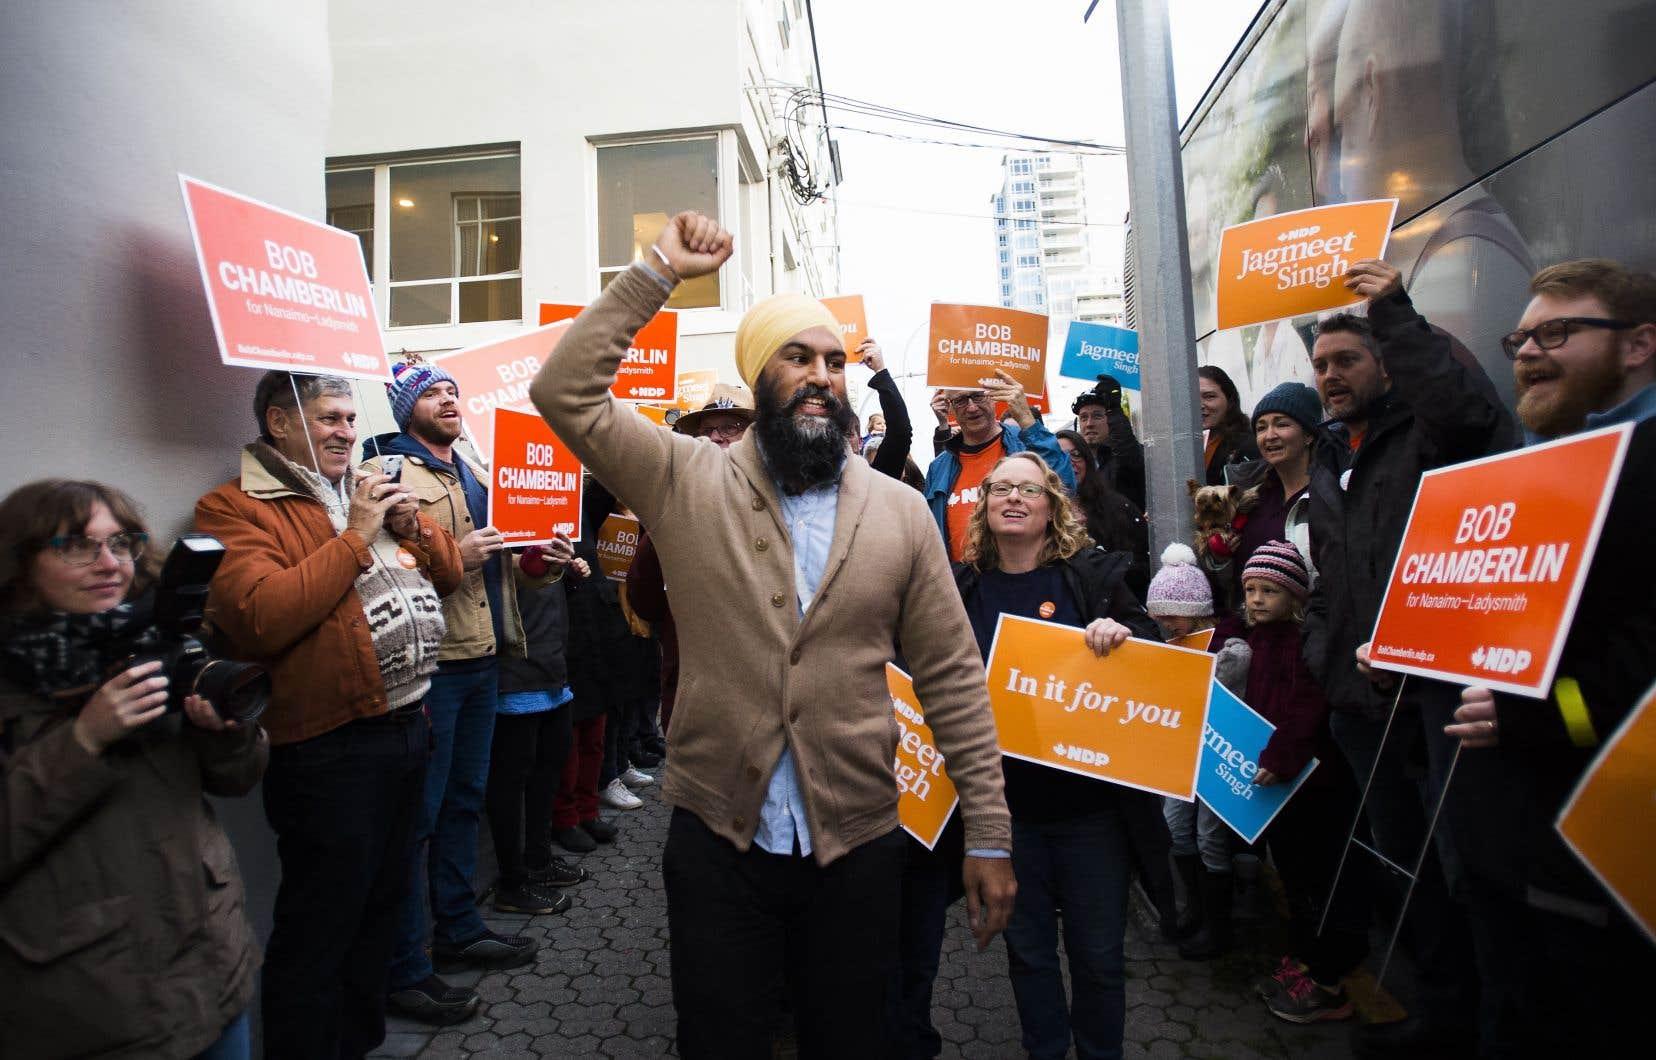 De passage à Vancouver, où la question de l'accessibilité au logement est un enjeu important, Jagmeet Singh a dit que tout programme dans ce secteur doit été ambitieux en raison de la crise actuelle.